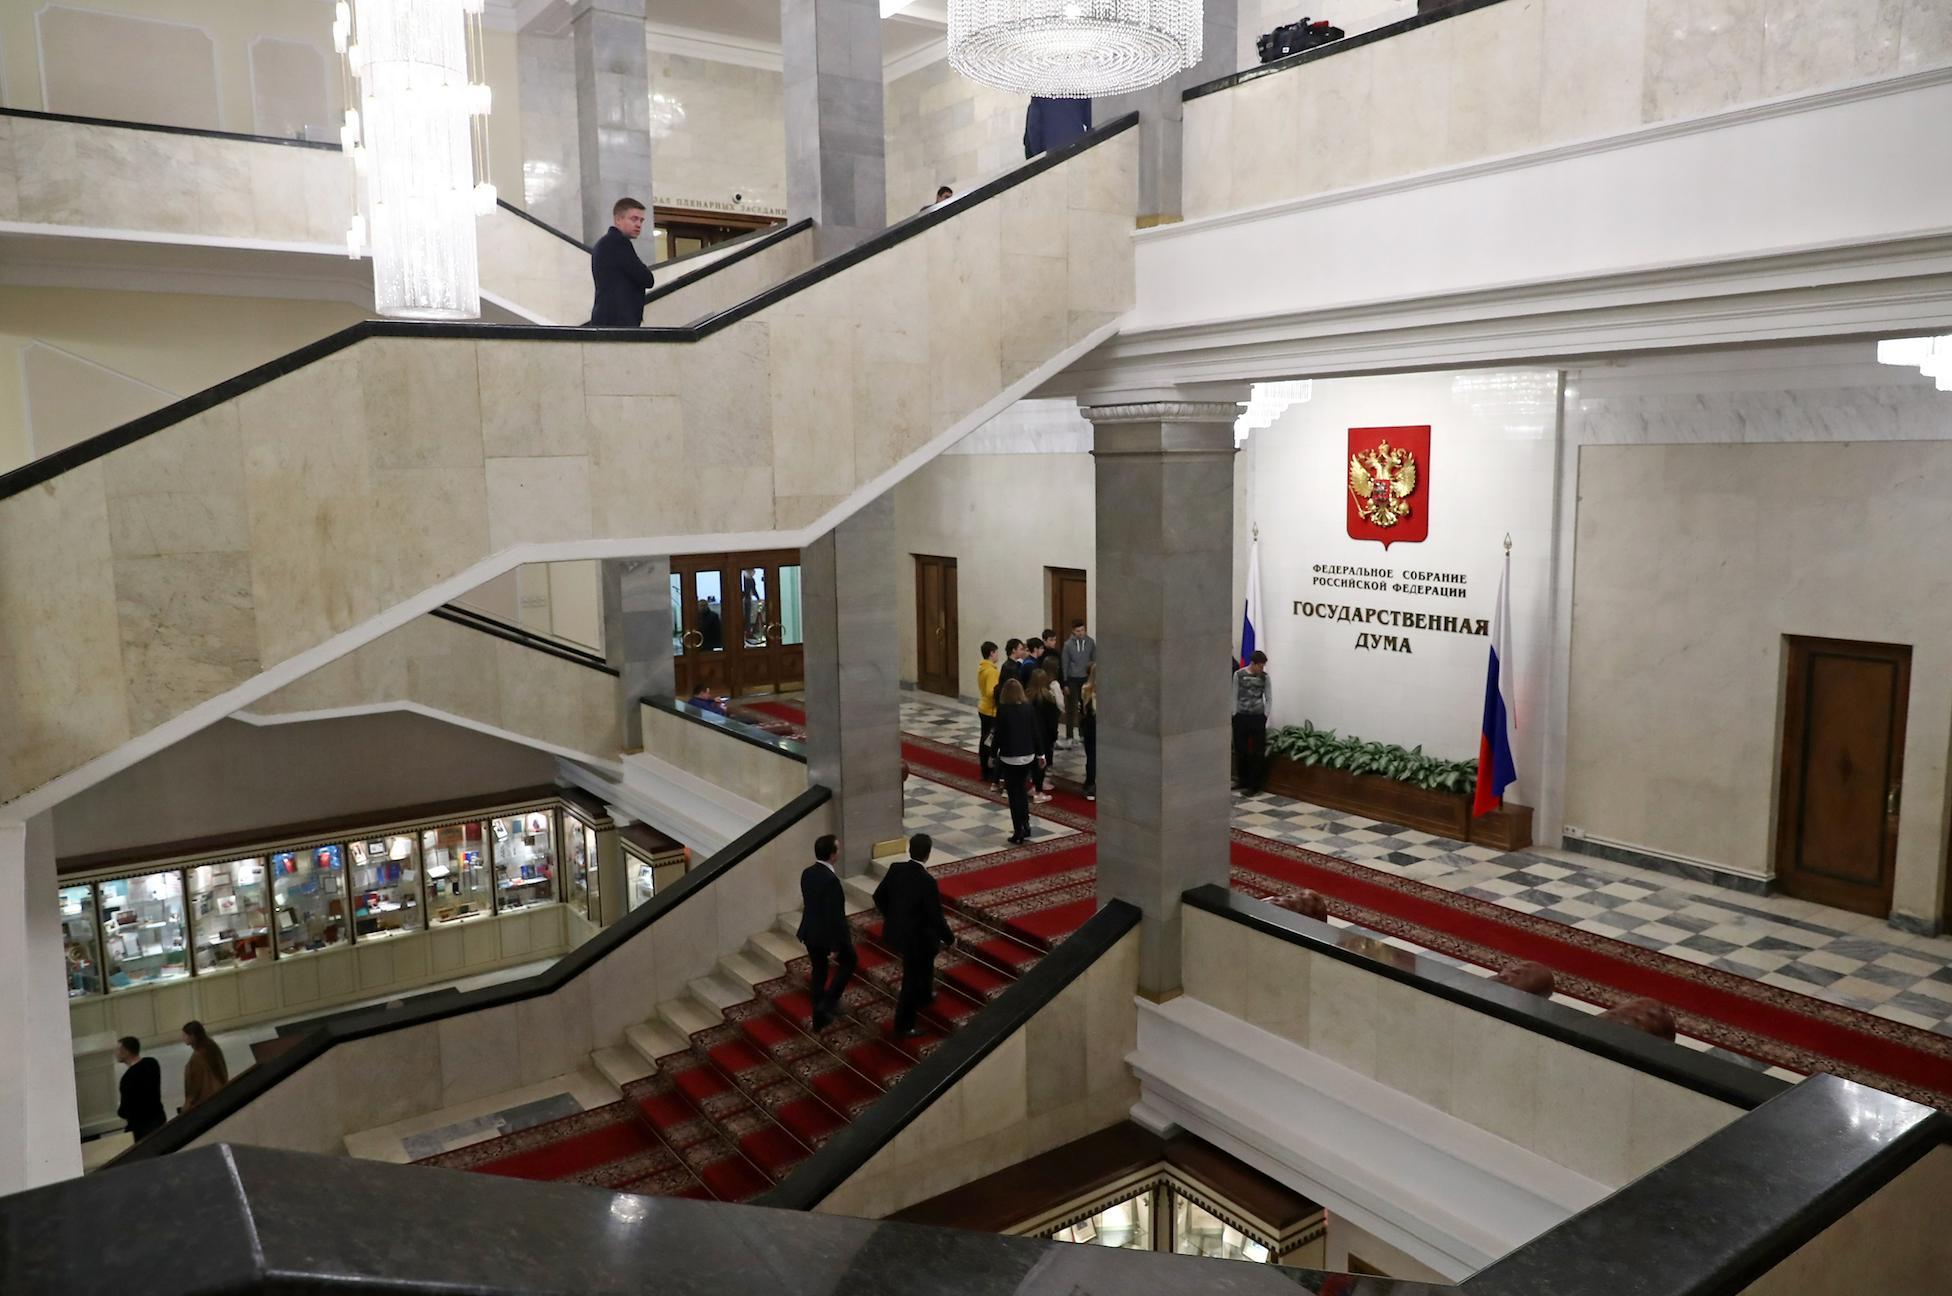 В Госдуму внесли поправки об изъятии детей из семьи только на основании судебного решения